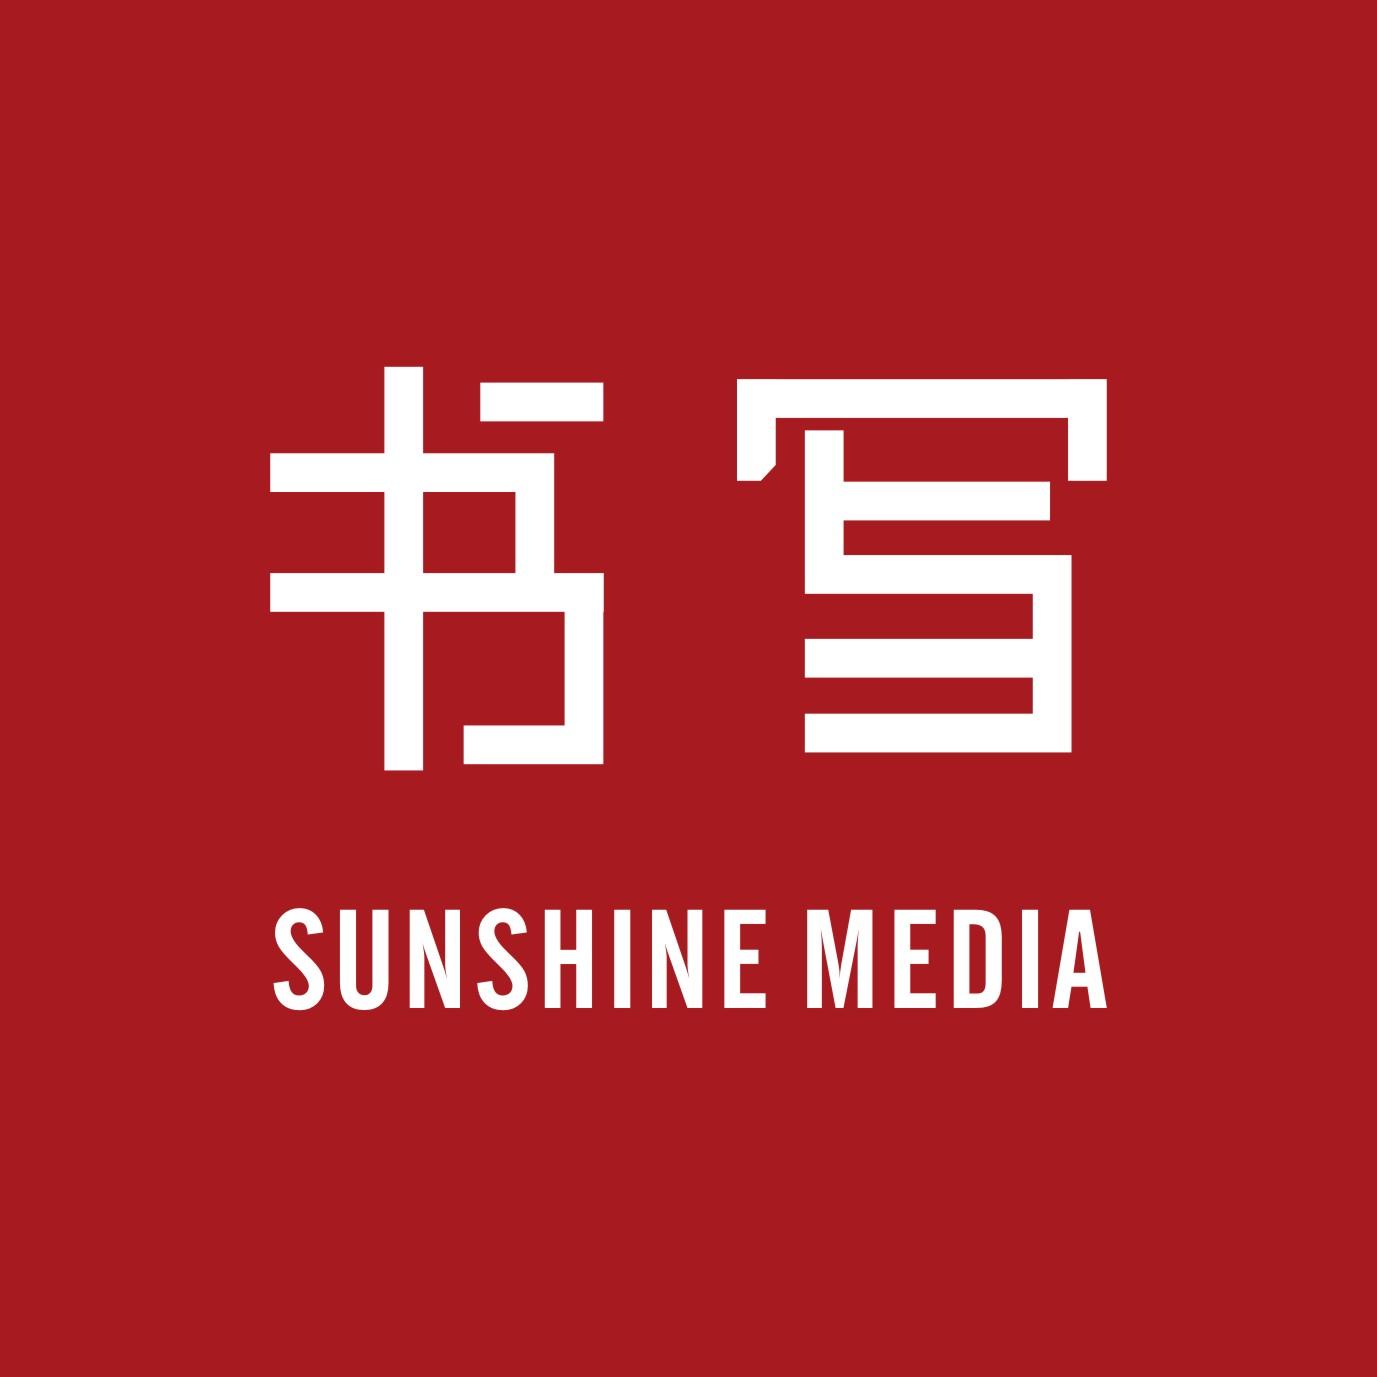 河南省書寫文化傳媒有限公司